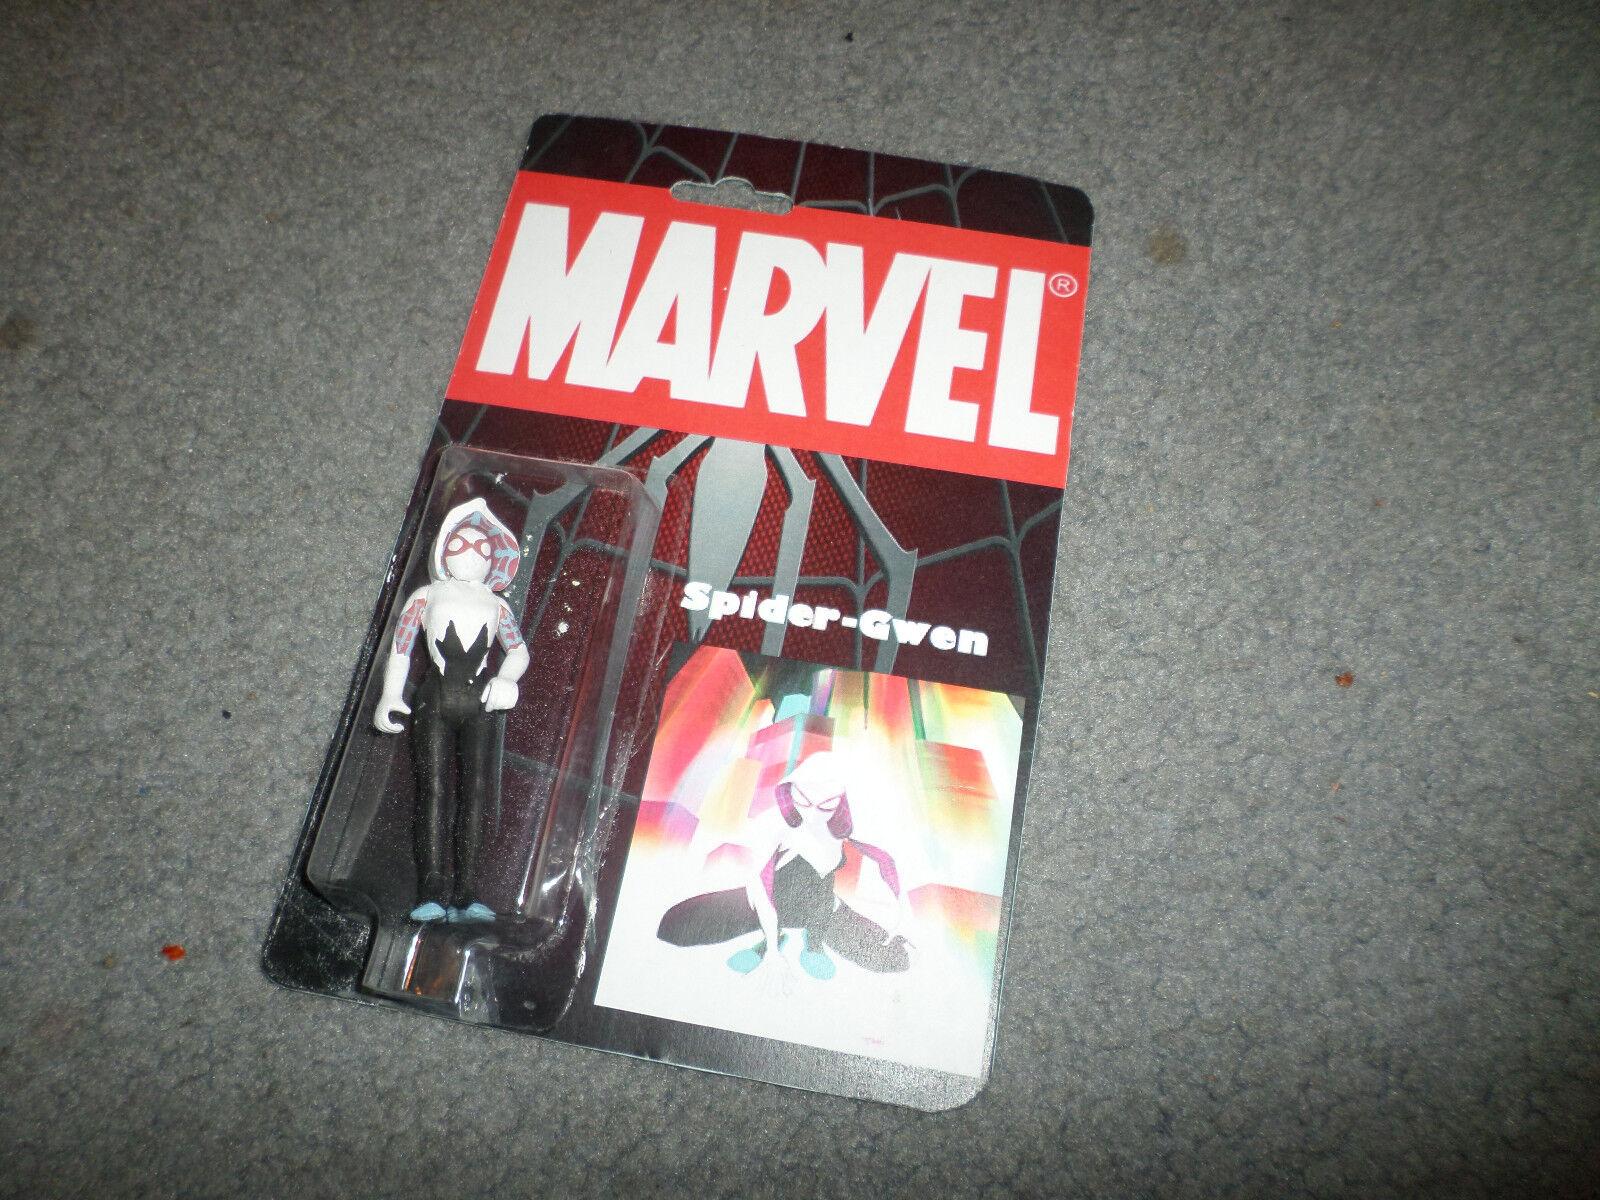 MARVEL SPIDER-Gwen Personalizado figura menta en tarjeta